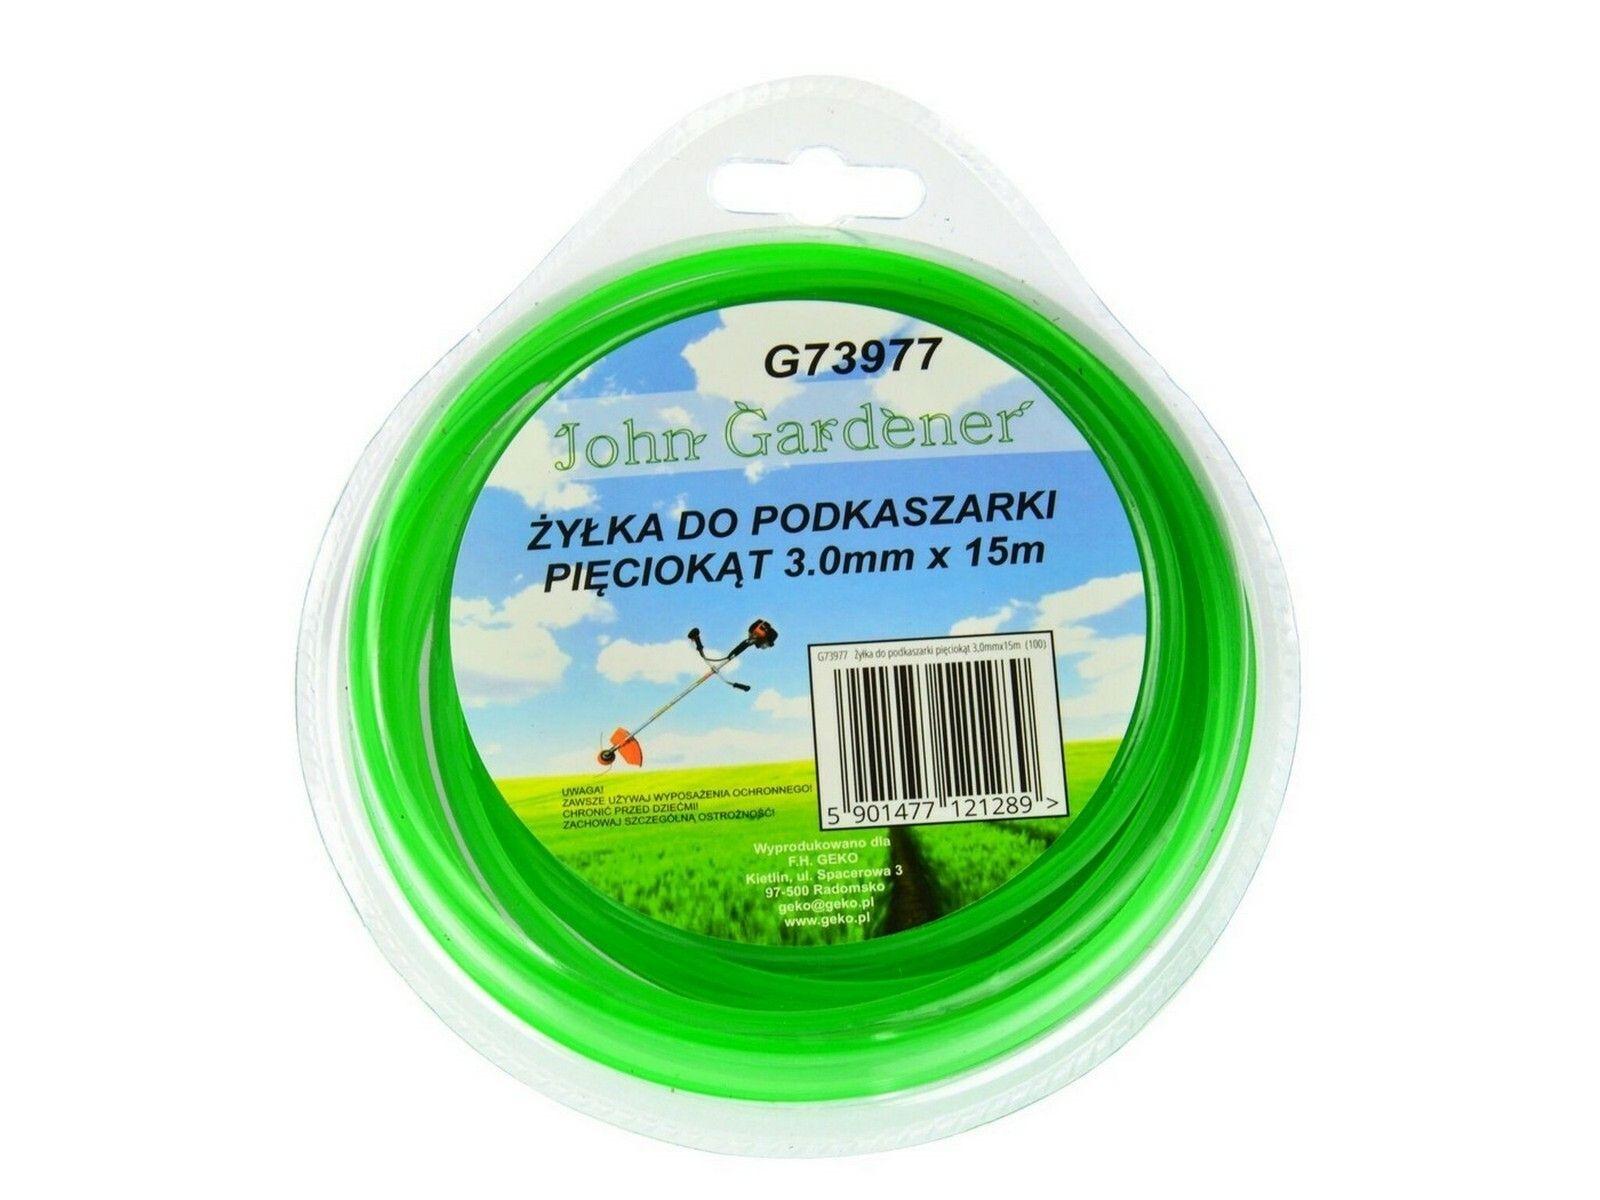 Struna do sekačky zelená zesílená, 3,0mm, 15m, hvězdicový profil, nylon GEKO